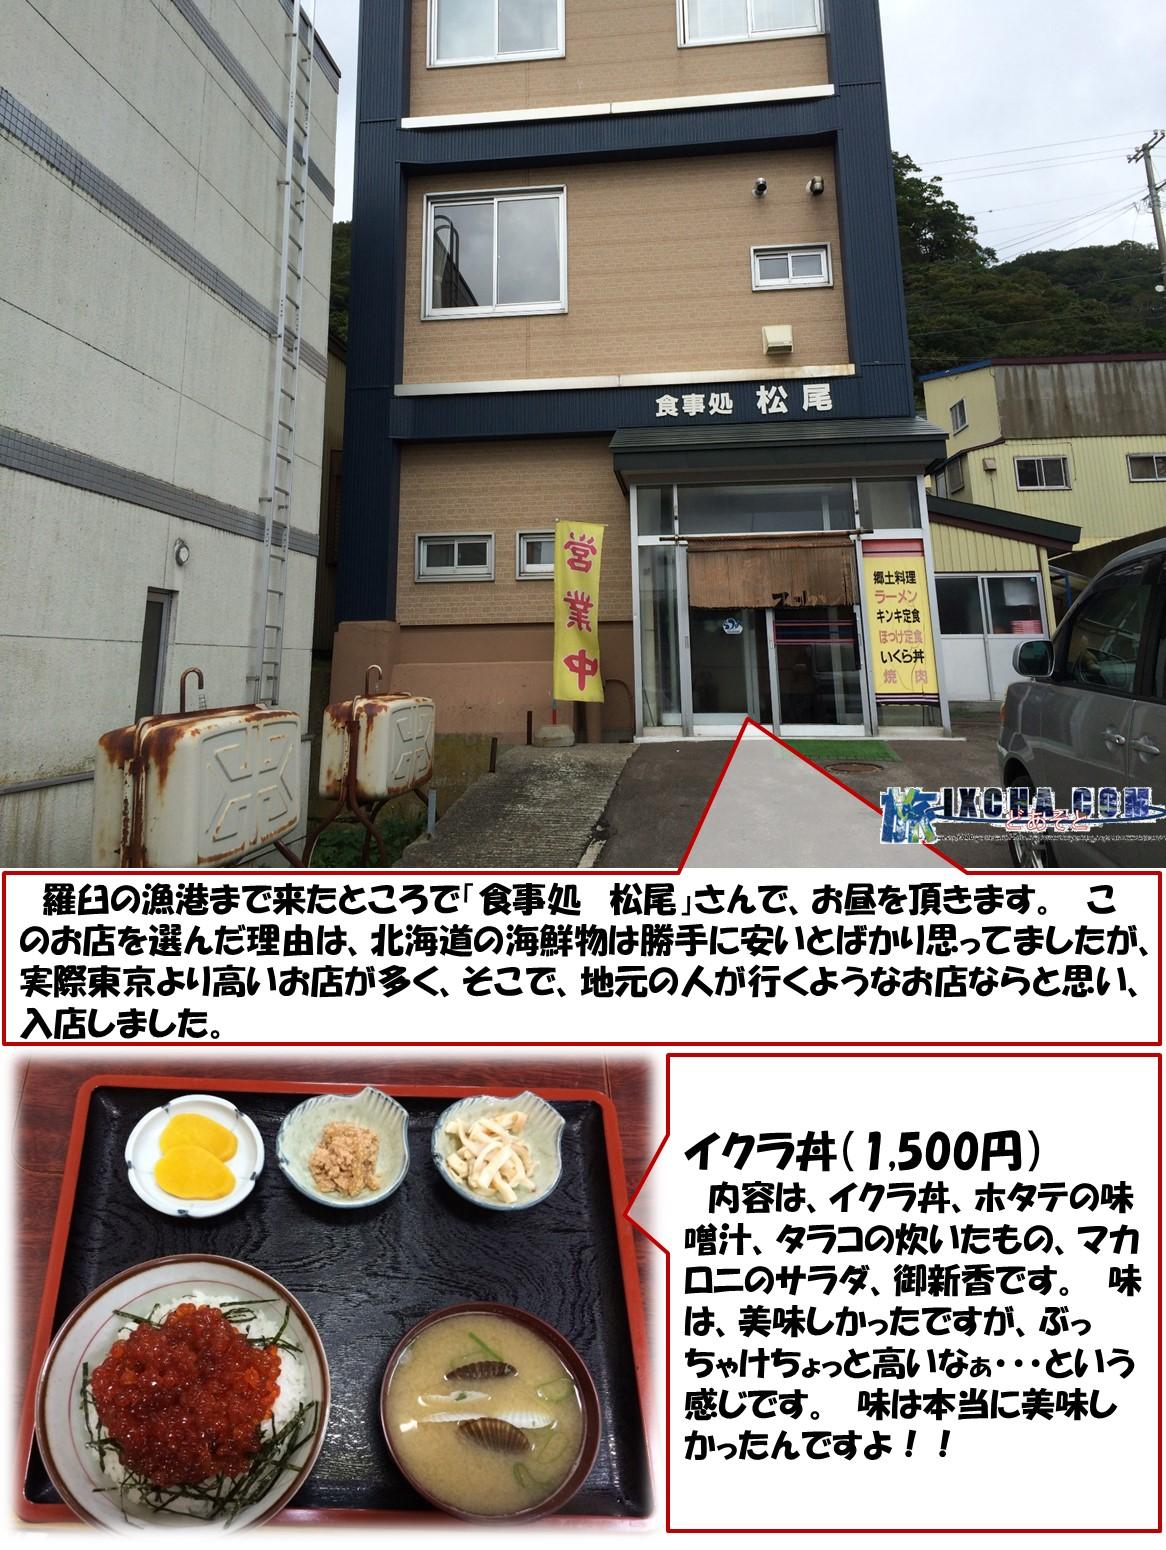 羅臼の漁港まで来たところで「食事処 松尾」さんで、お昼を頂きます。 このお店を選んだ理由は、北海道の海鮮物は勝手に安いとばかり思ってましたが、実際東京より高いお店が多く、そこで、地元の人が行くようなお店ならと思い、入店しました。 イクラ丼(1,500円)   内容は、イクラ丼、ホタテの味噌汁、タラコの炊いたもの、マカロニのサラダ、御新香です。 味は、美味しかったですが、ぶっちゃけちょっと高いなぁ・・・という感じです。 味は本当に美味しかったんですよ!!